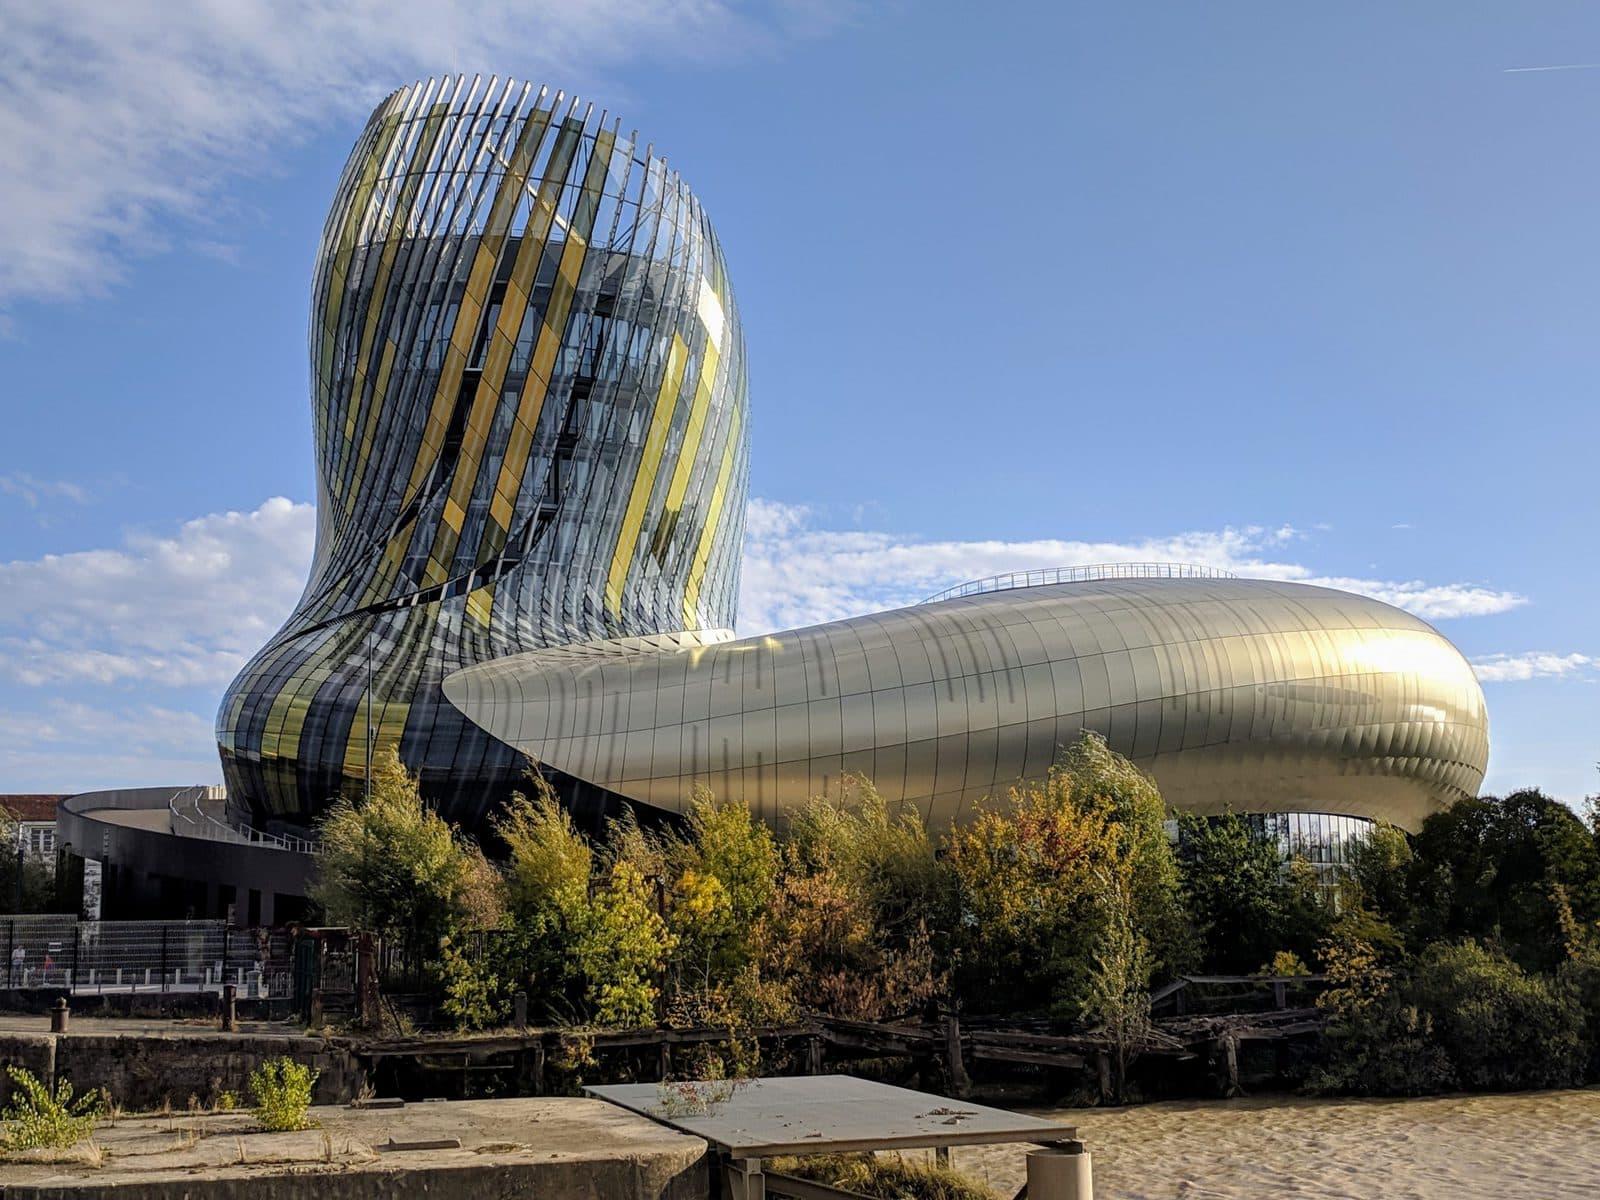 la Cité du vin building in Bordeaux